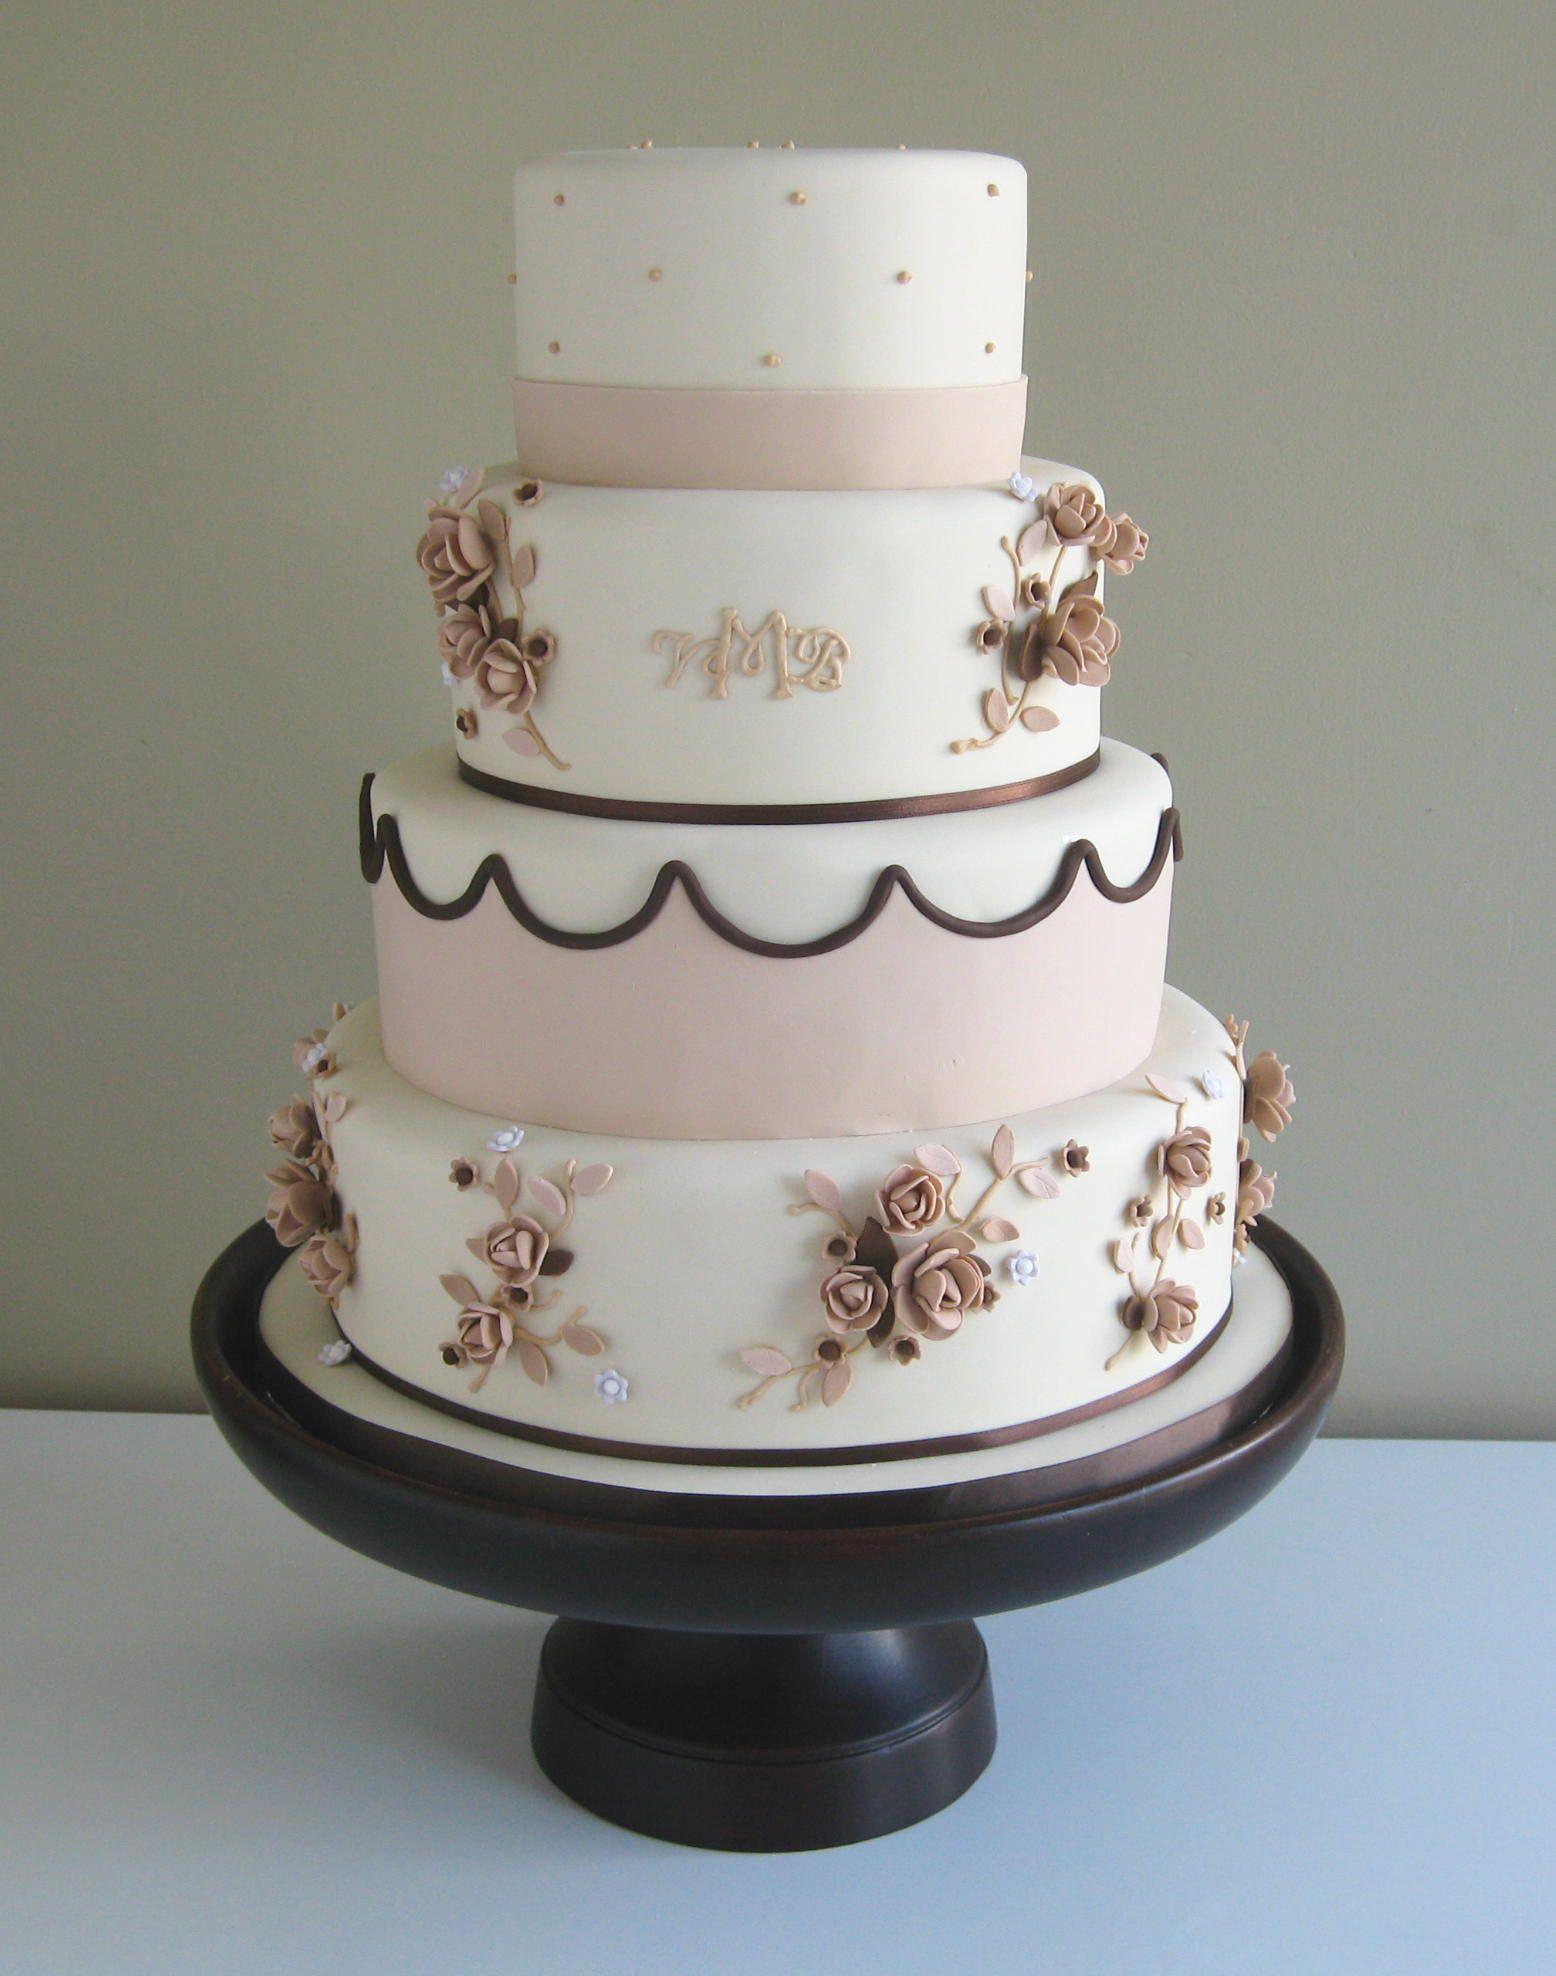 Vintage pink rose cake